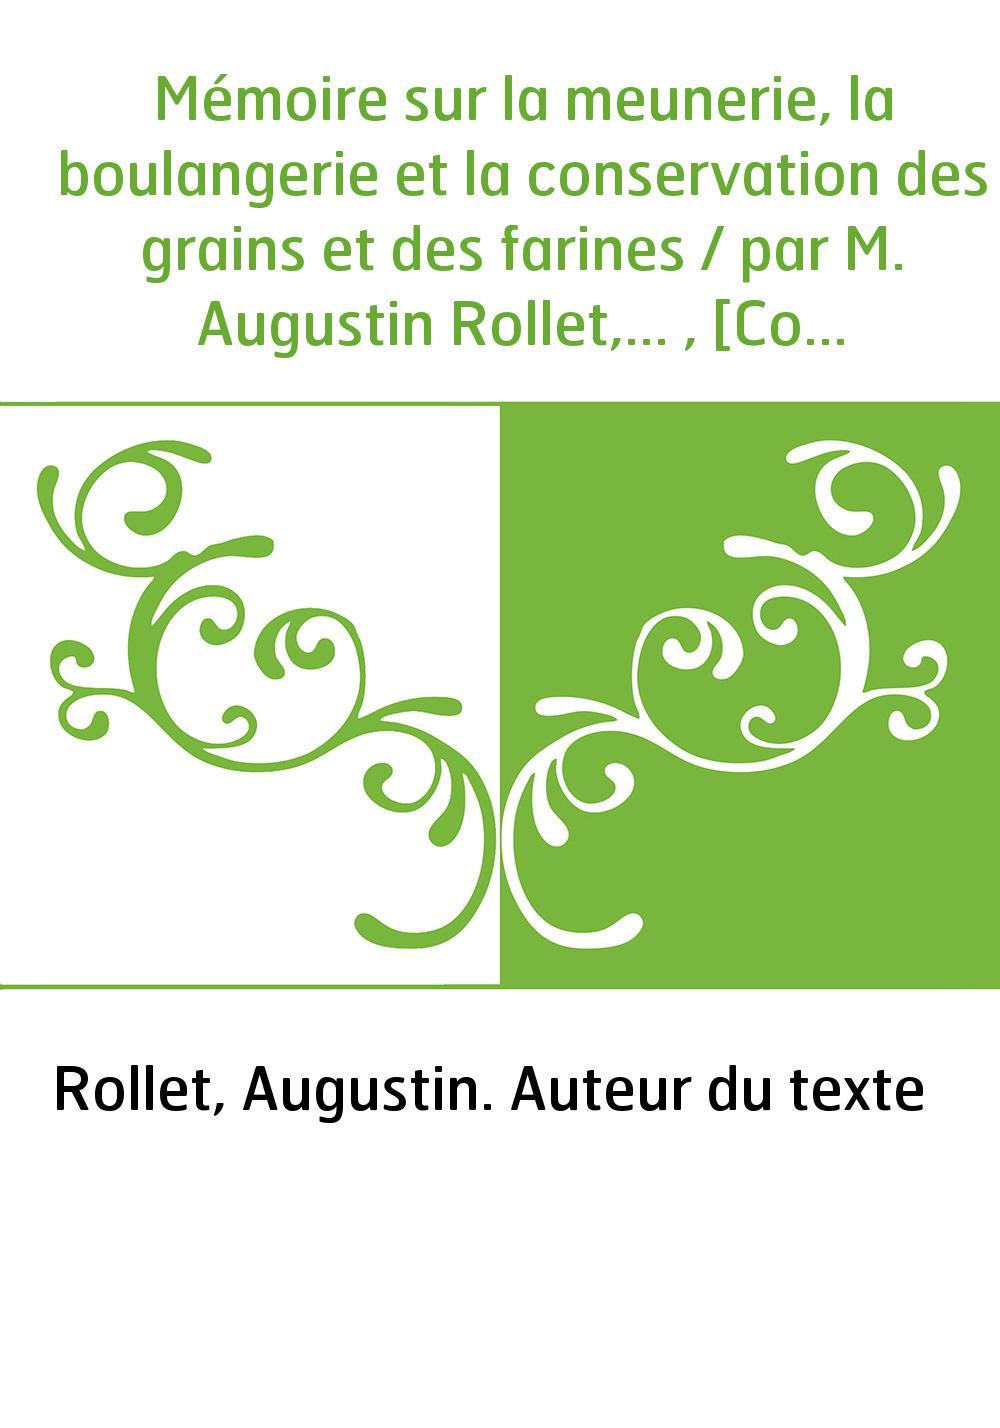 Mémoire sur la meunerie, la boulangerie et la conservation des grains et des farines / par M. Augustin Rollet,... , [Compte-rend